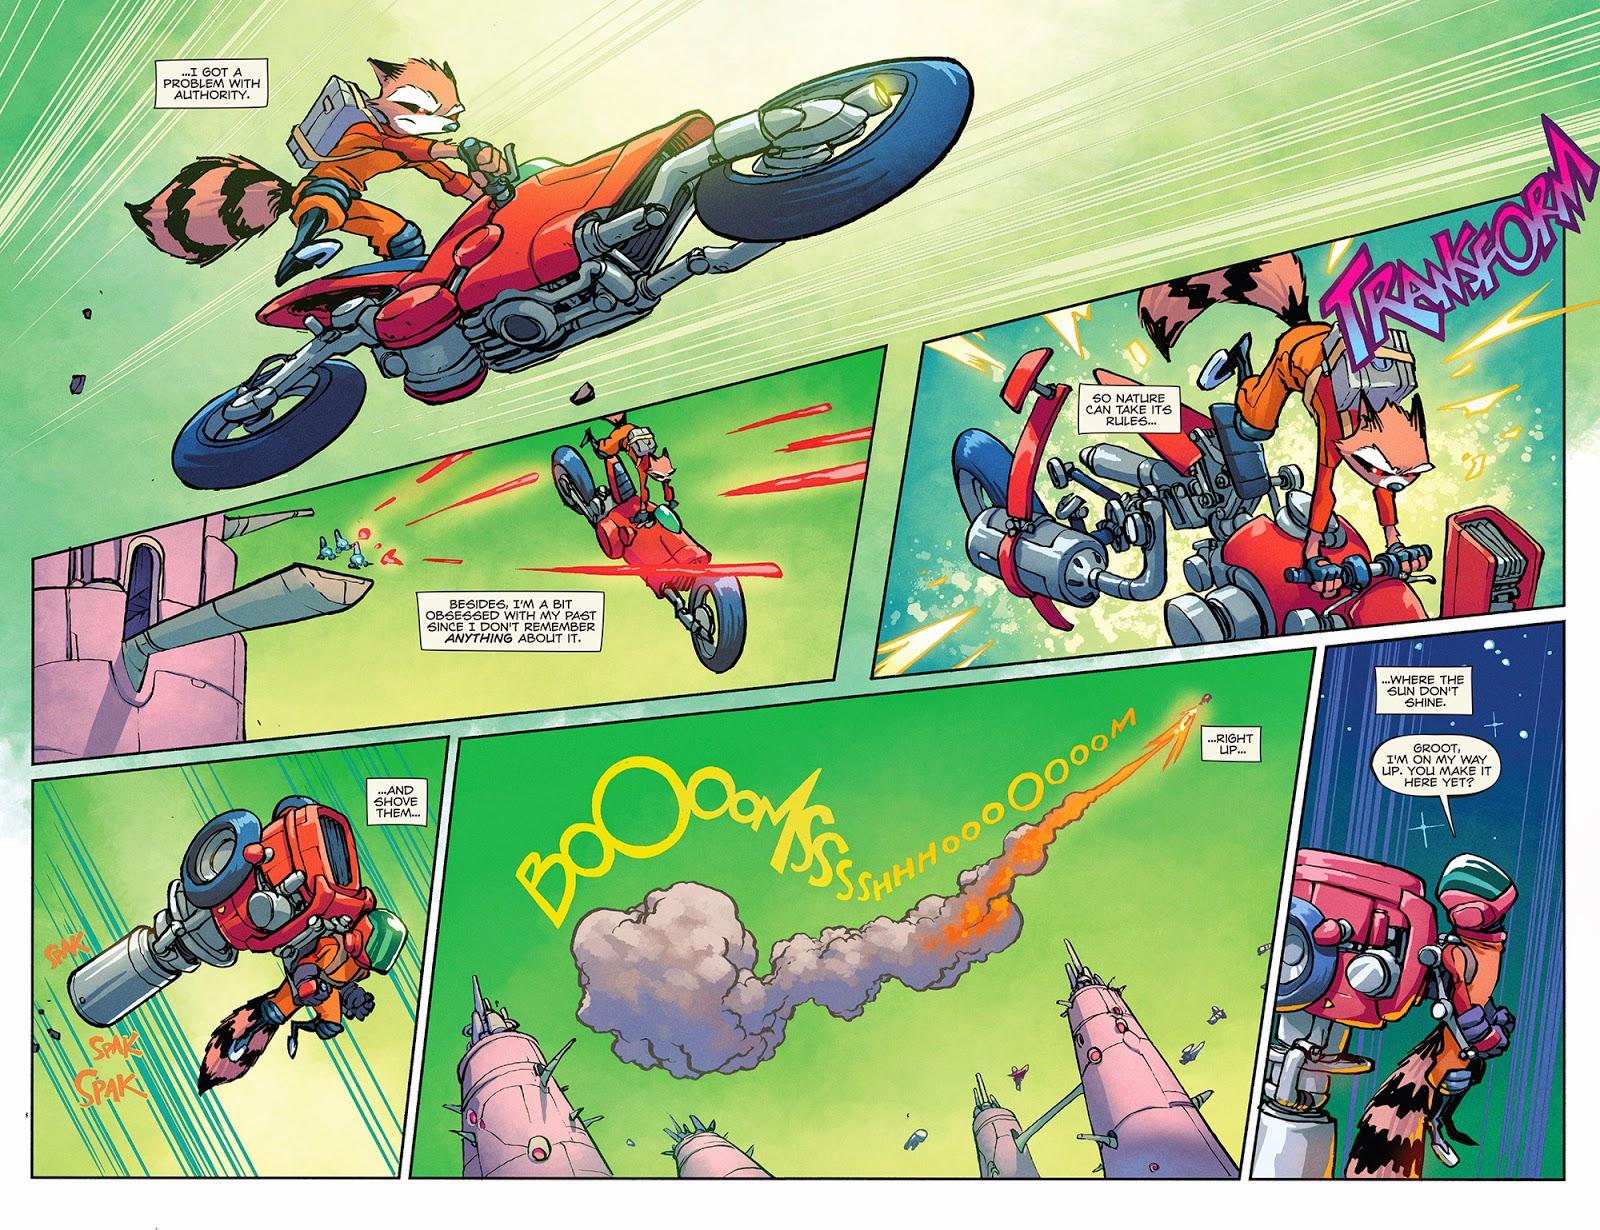 rocket raccoon 011 2015 u2026 u2026 u2026 u2026 u2026 u2026 u2026 viewcomic reading comics